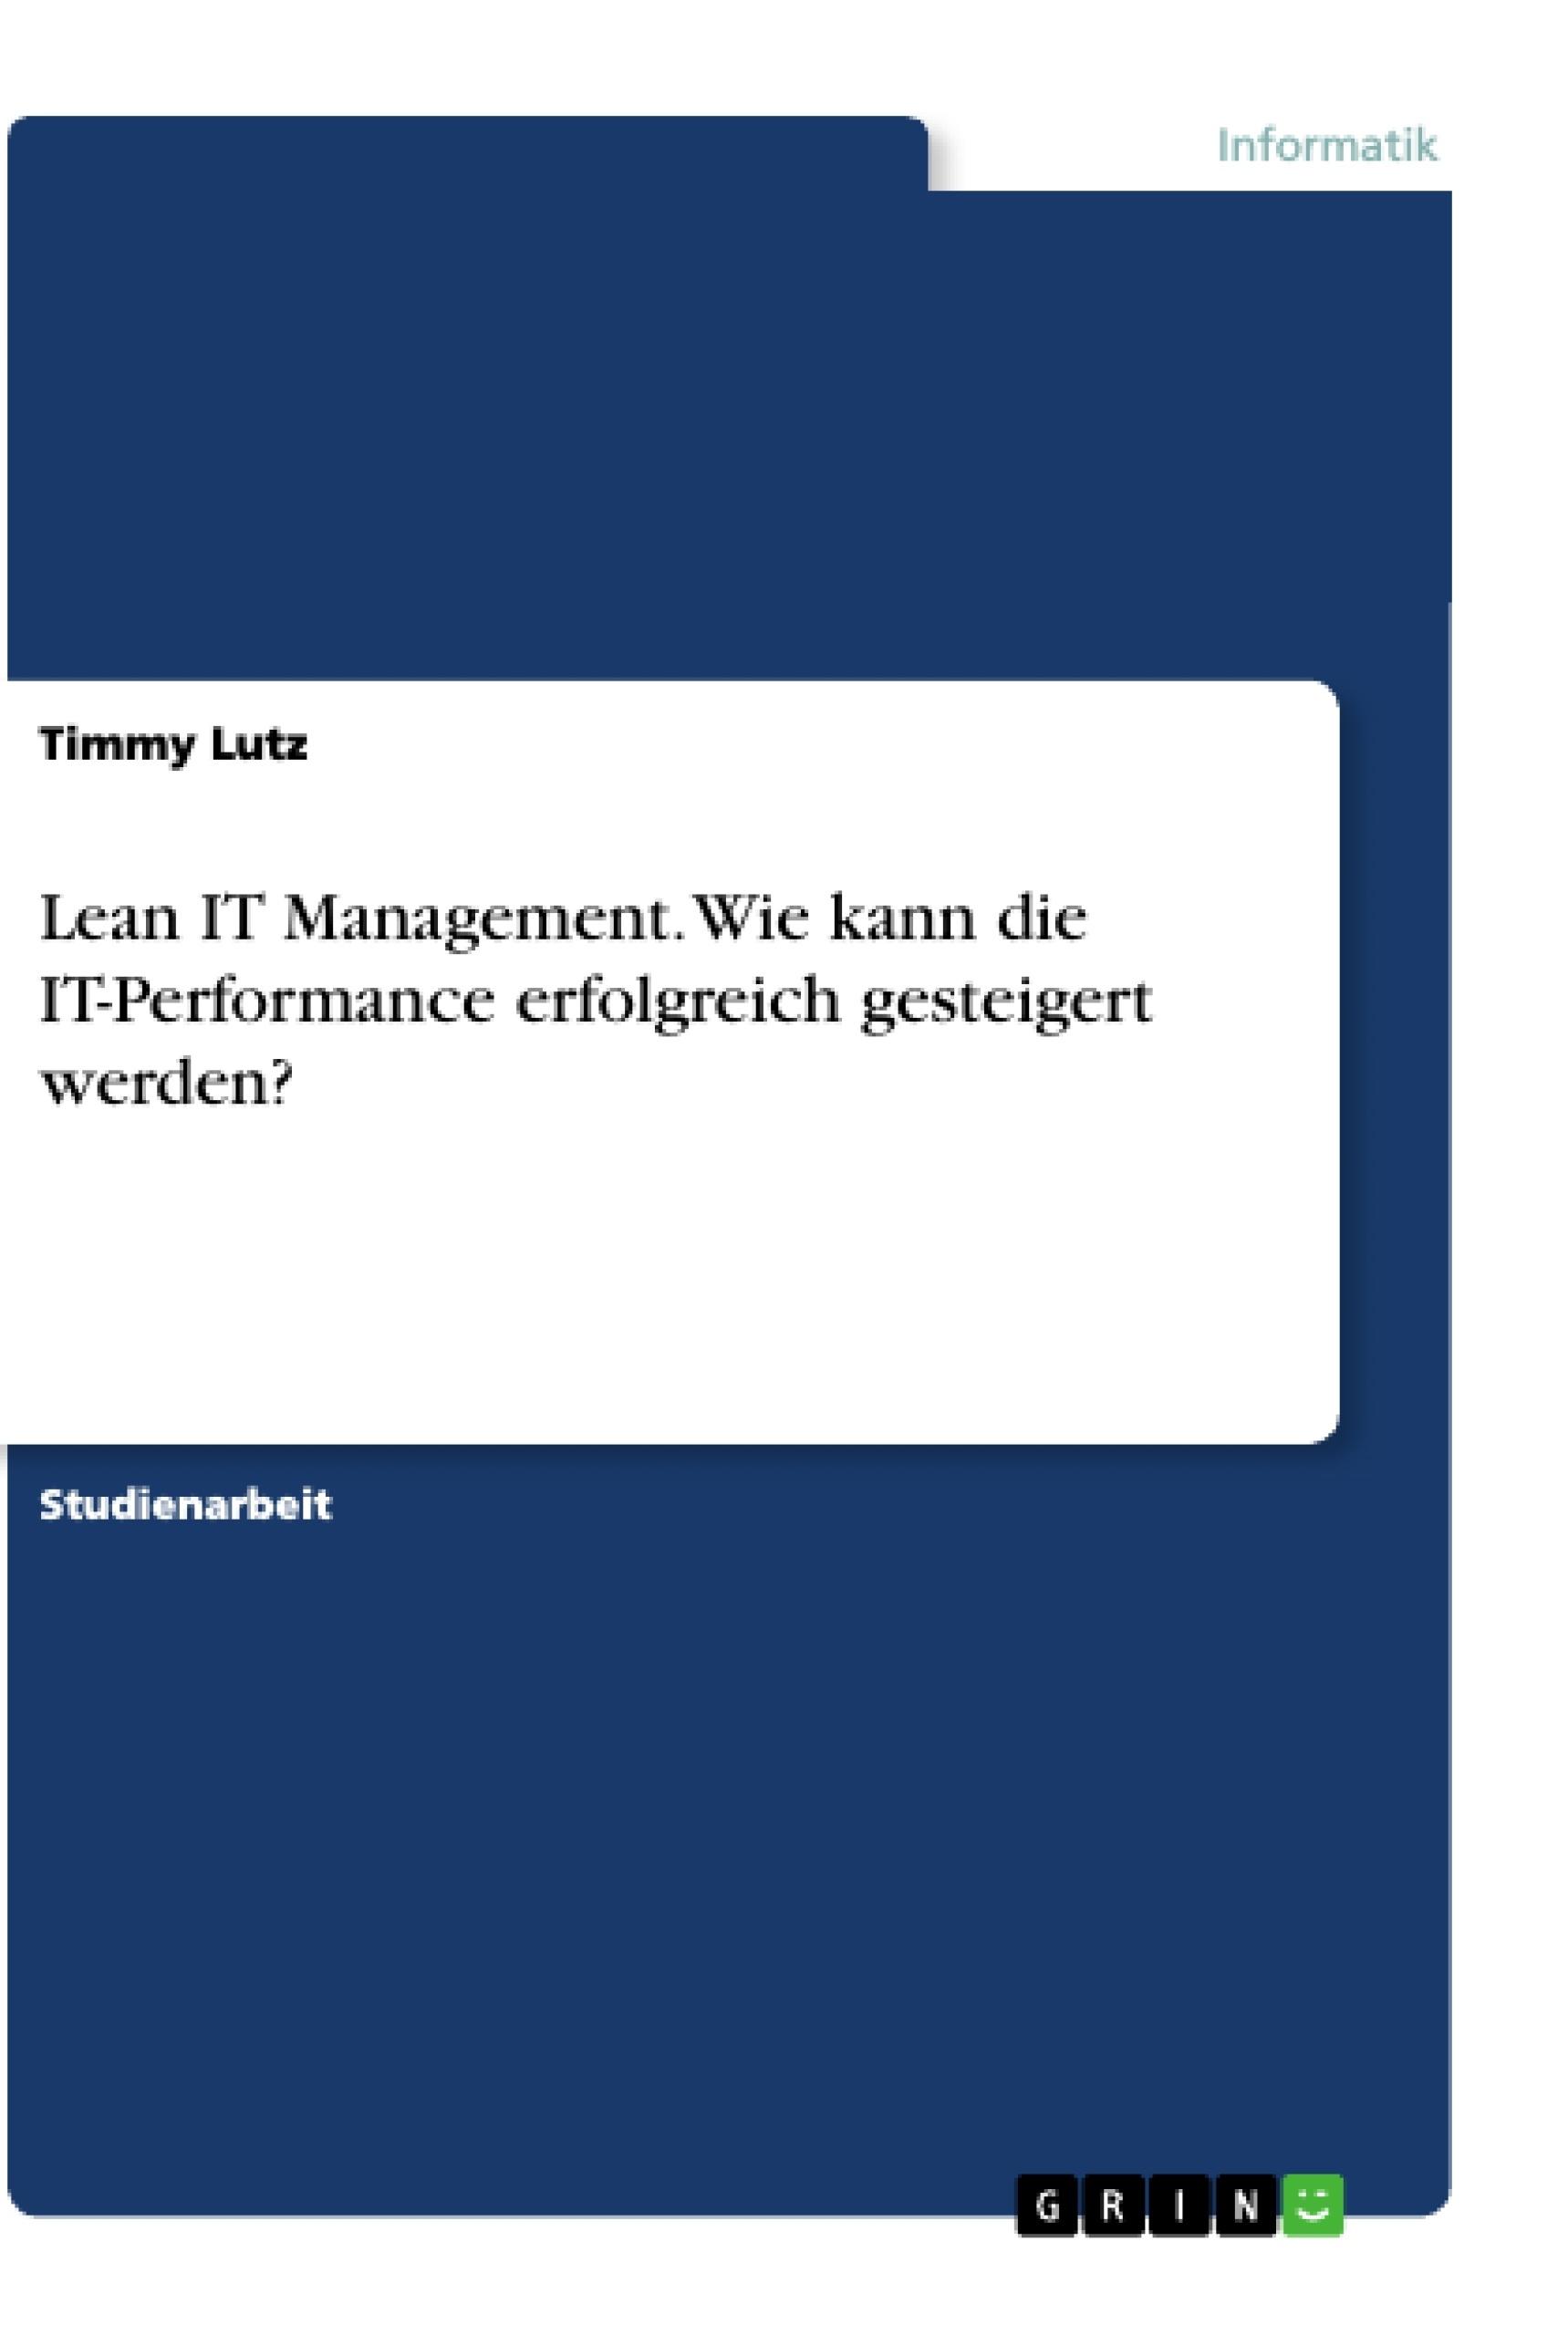 Titel: Lean IT Management. Wie kann die IT-Performance erfolgreich gesteigert werden?